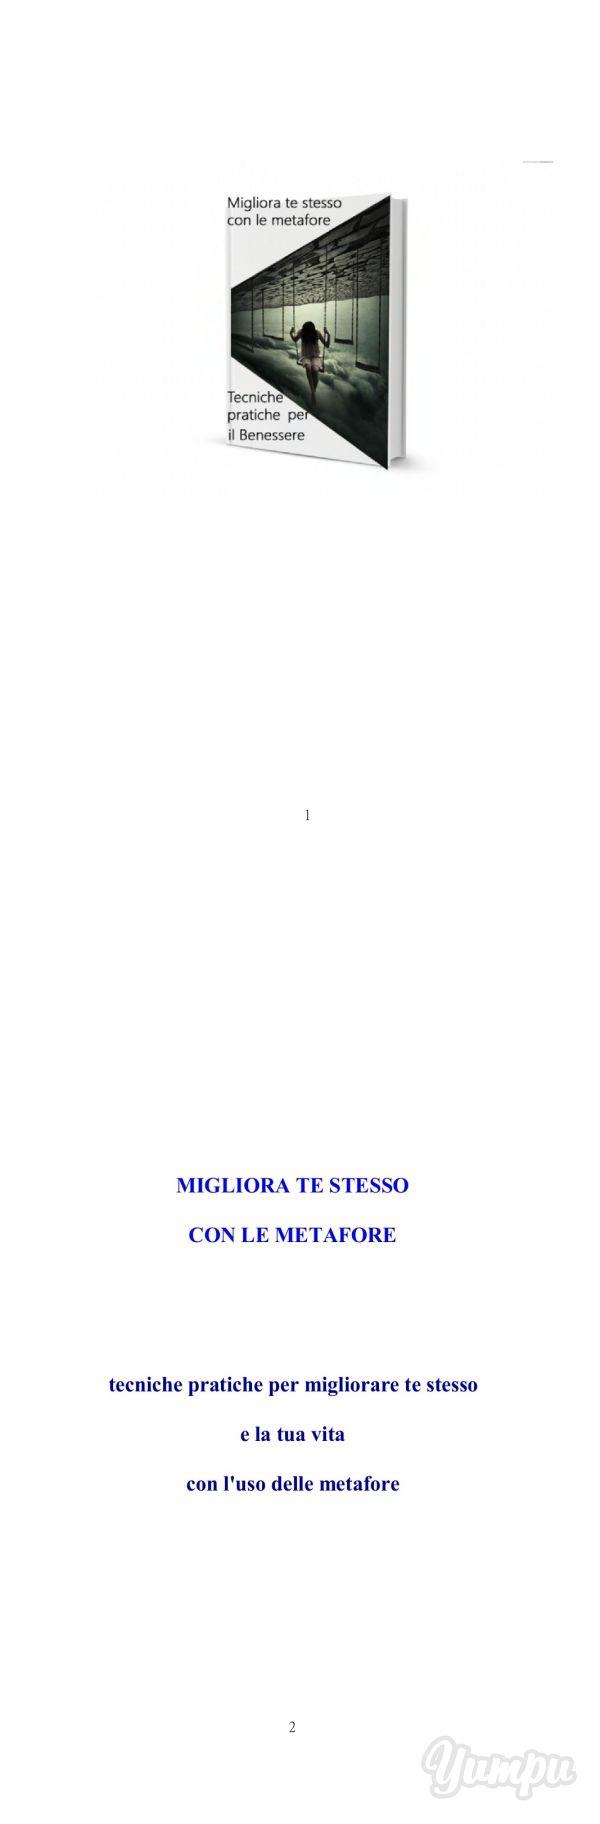 migliora te stesso con le metafore - Magazine with 359 pages: